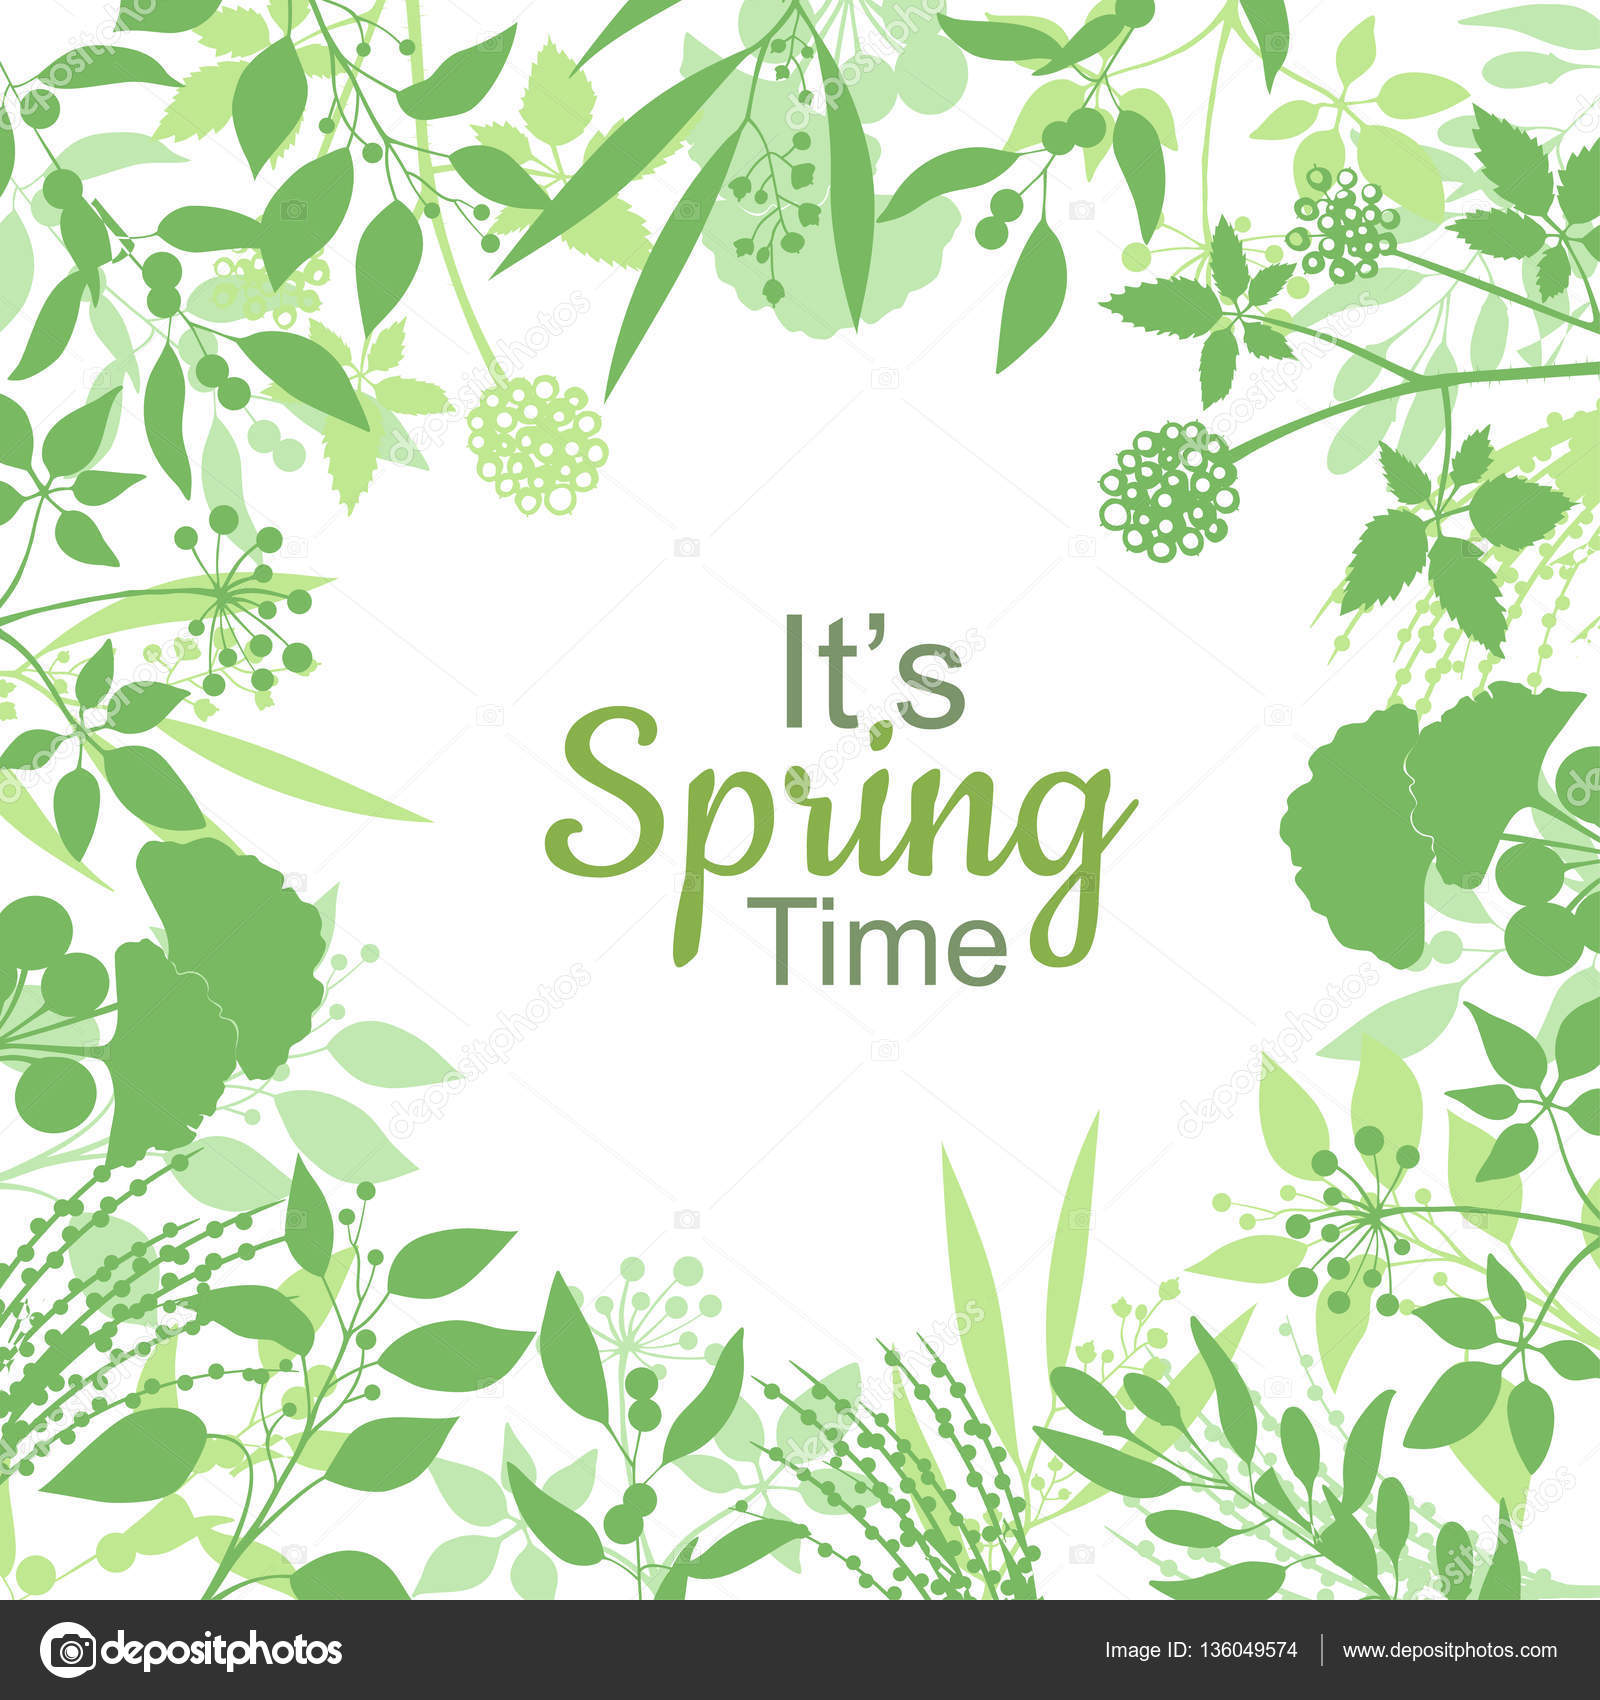 Su resorte tiempo tarjeta verde diseño texto en marco floral ...